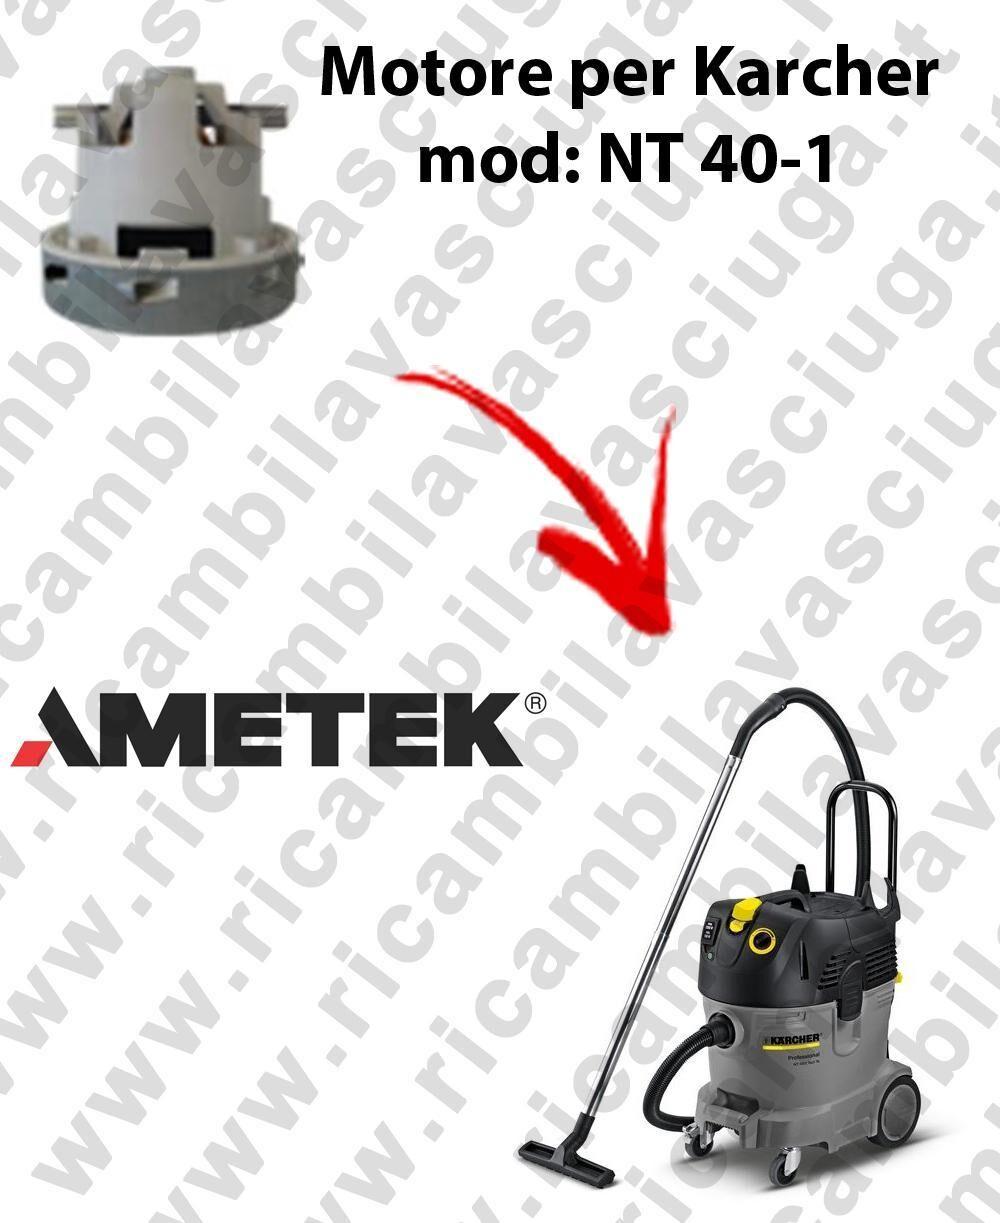 Karcher NT 40-1 MOTORE aspirazione AMETEK per aspirapolvere